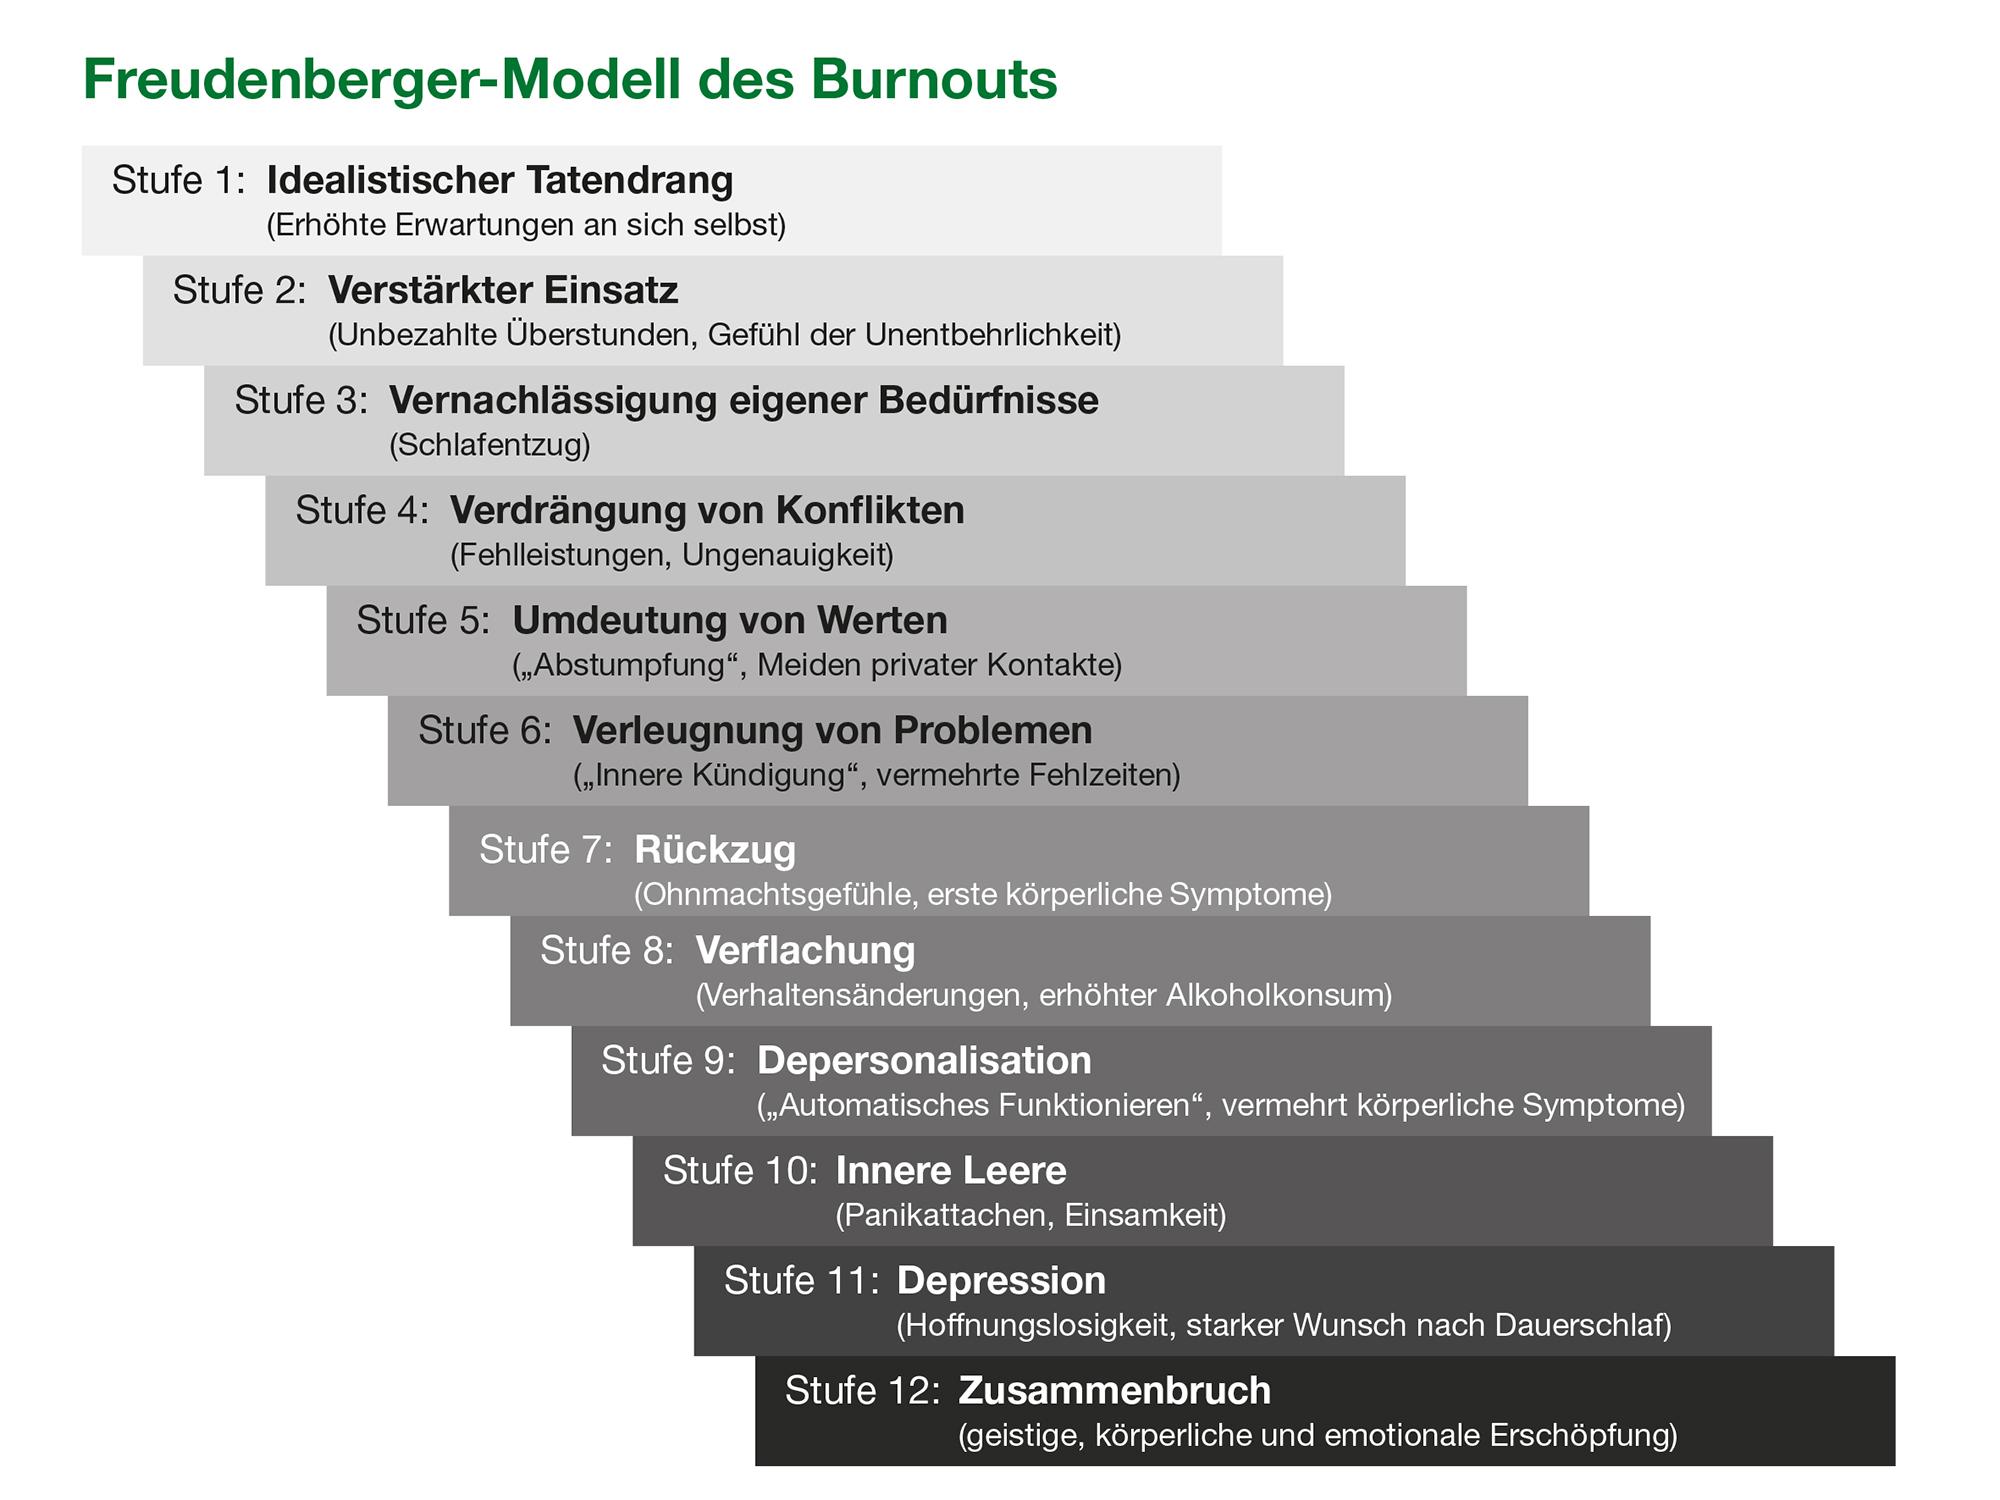 Stufen des Burnouts (adaptiert nach Freudenberger und North 2012)